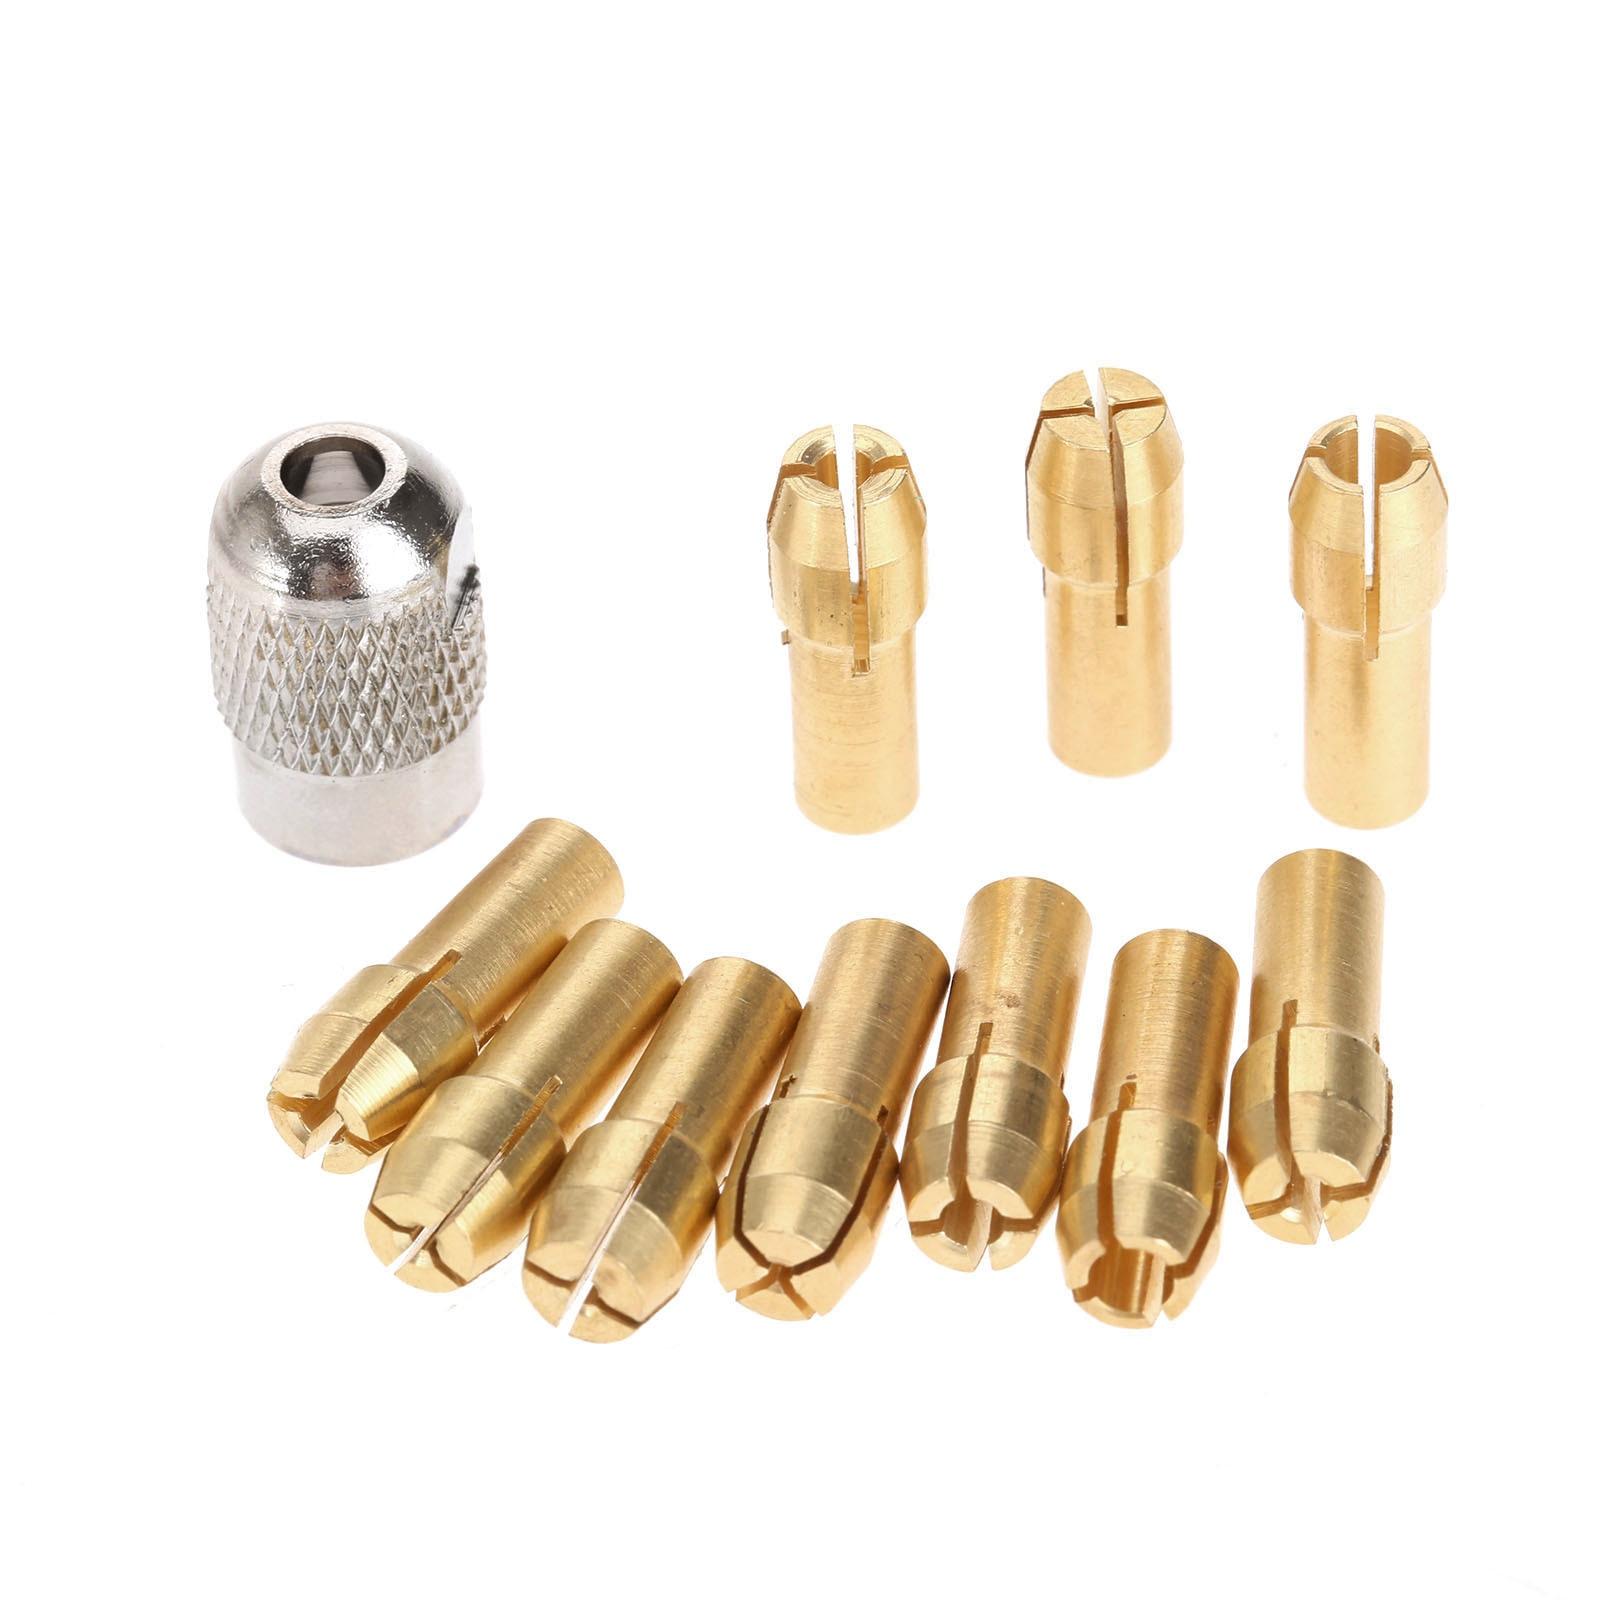 Dophee 10Pcs 0.5-3.2mm Brass Collet Mini Drill Chucks 4.8mm Dremel Rotary Tools+1Pc Mill Shaft Screw Cap Power Tool Accessories